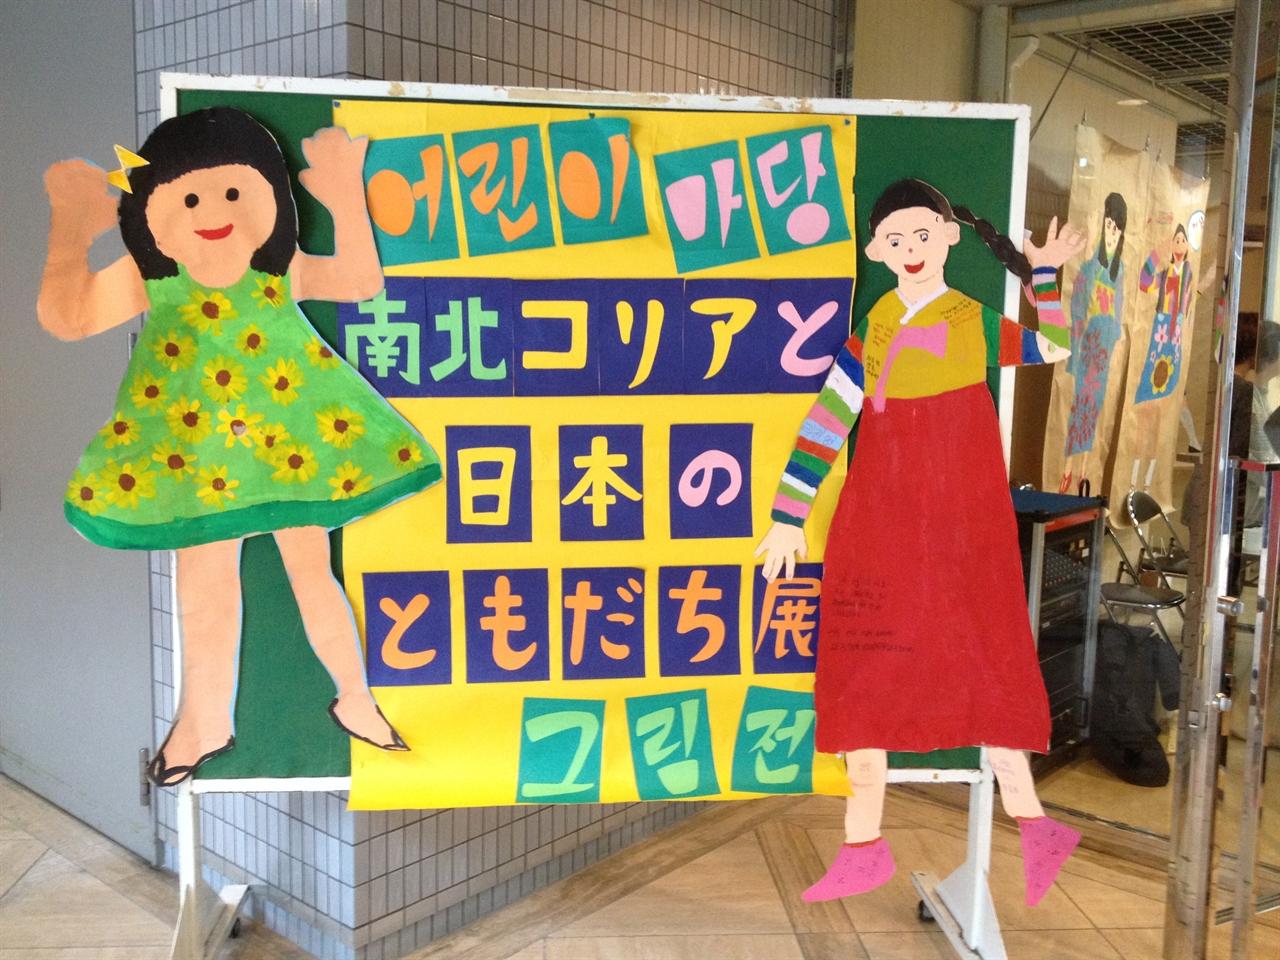 2015 남북코리아와 일본의 친구 그림전(오사카 전시회) 입구. 아이들의 전신 그림이 관람객을 환하게 맞이하고 있다.